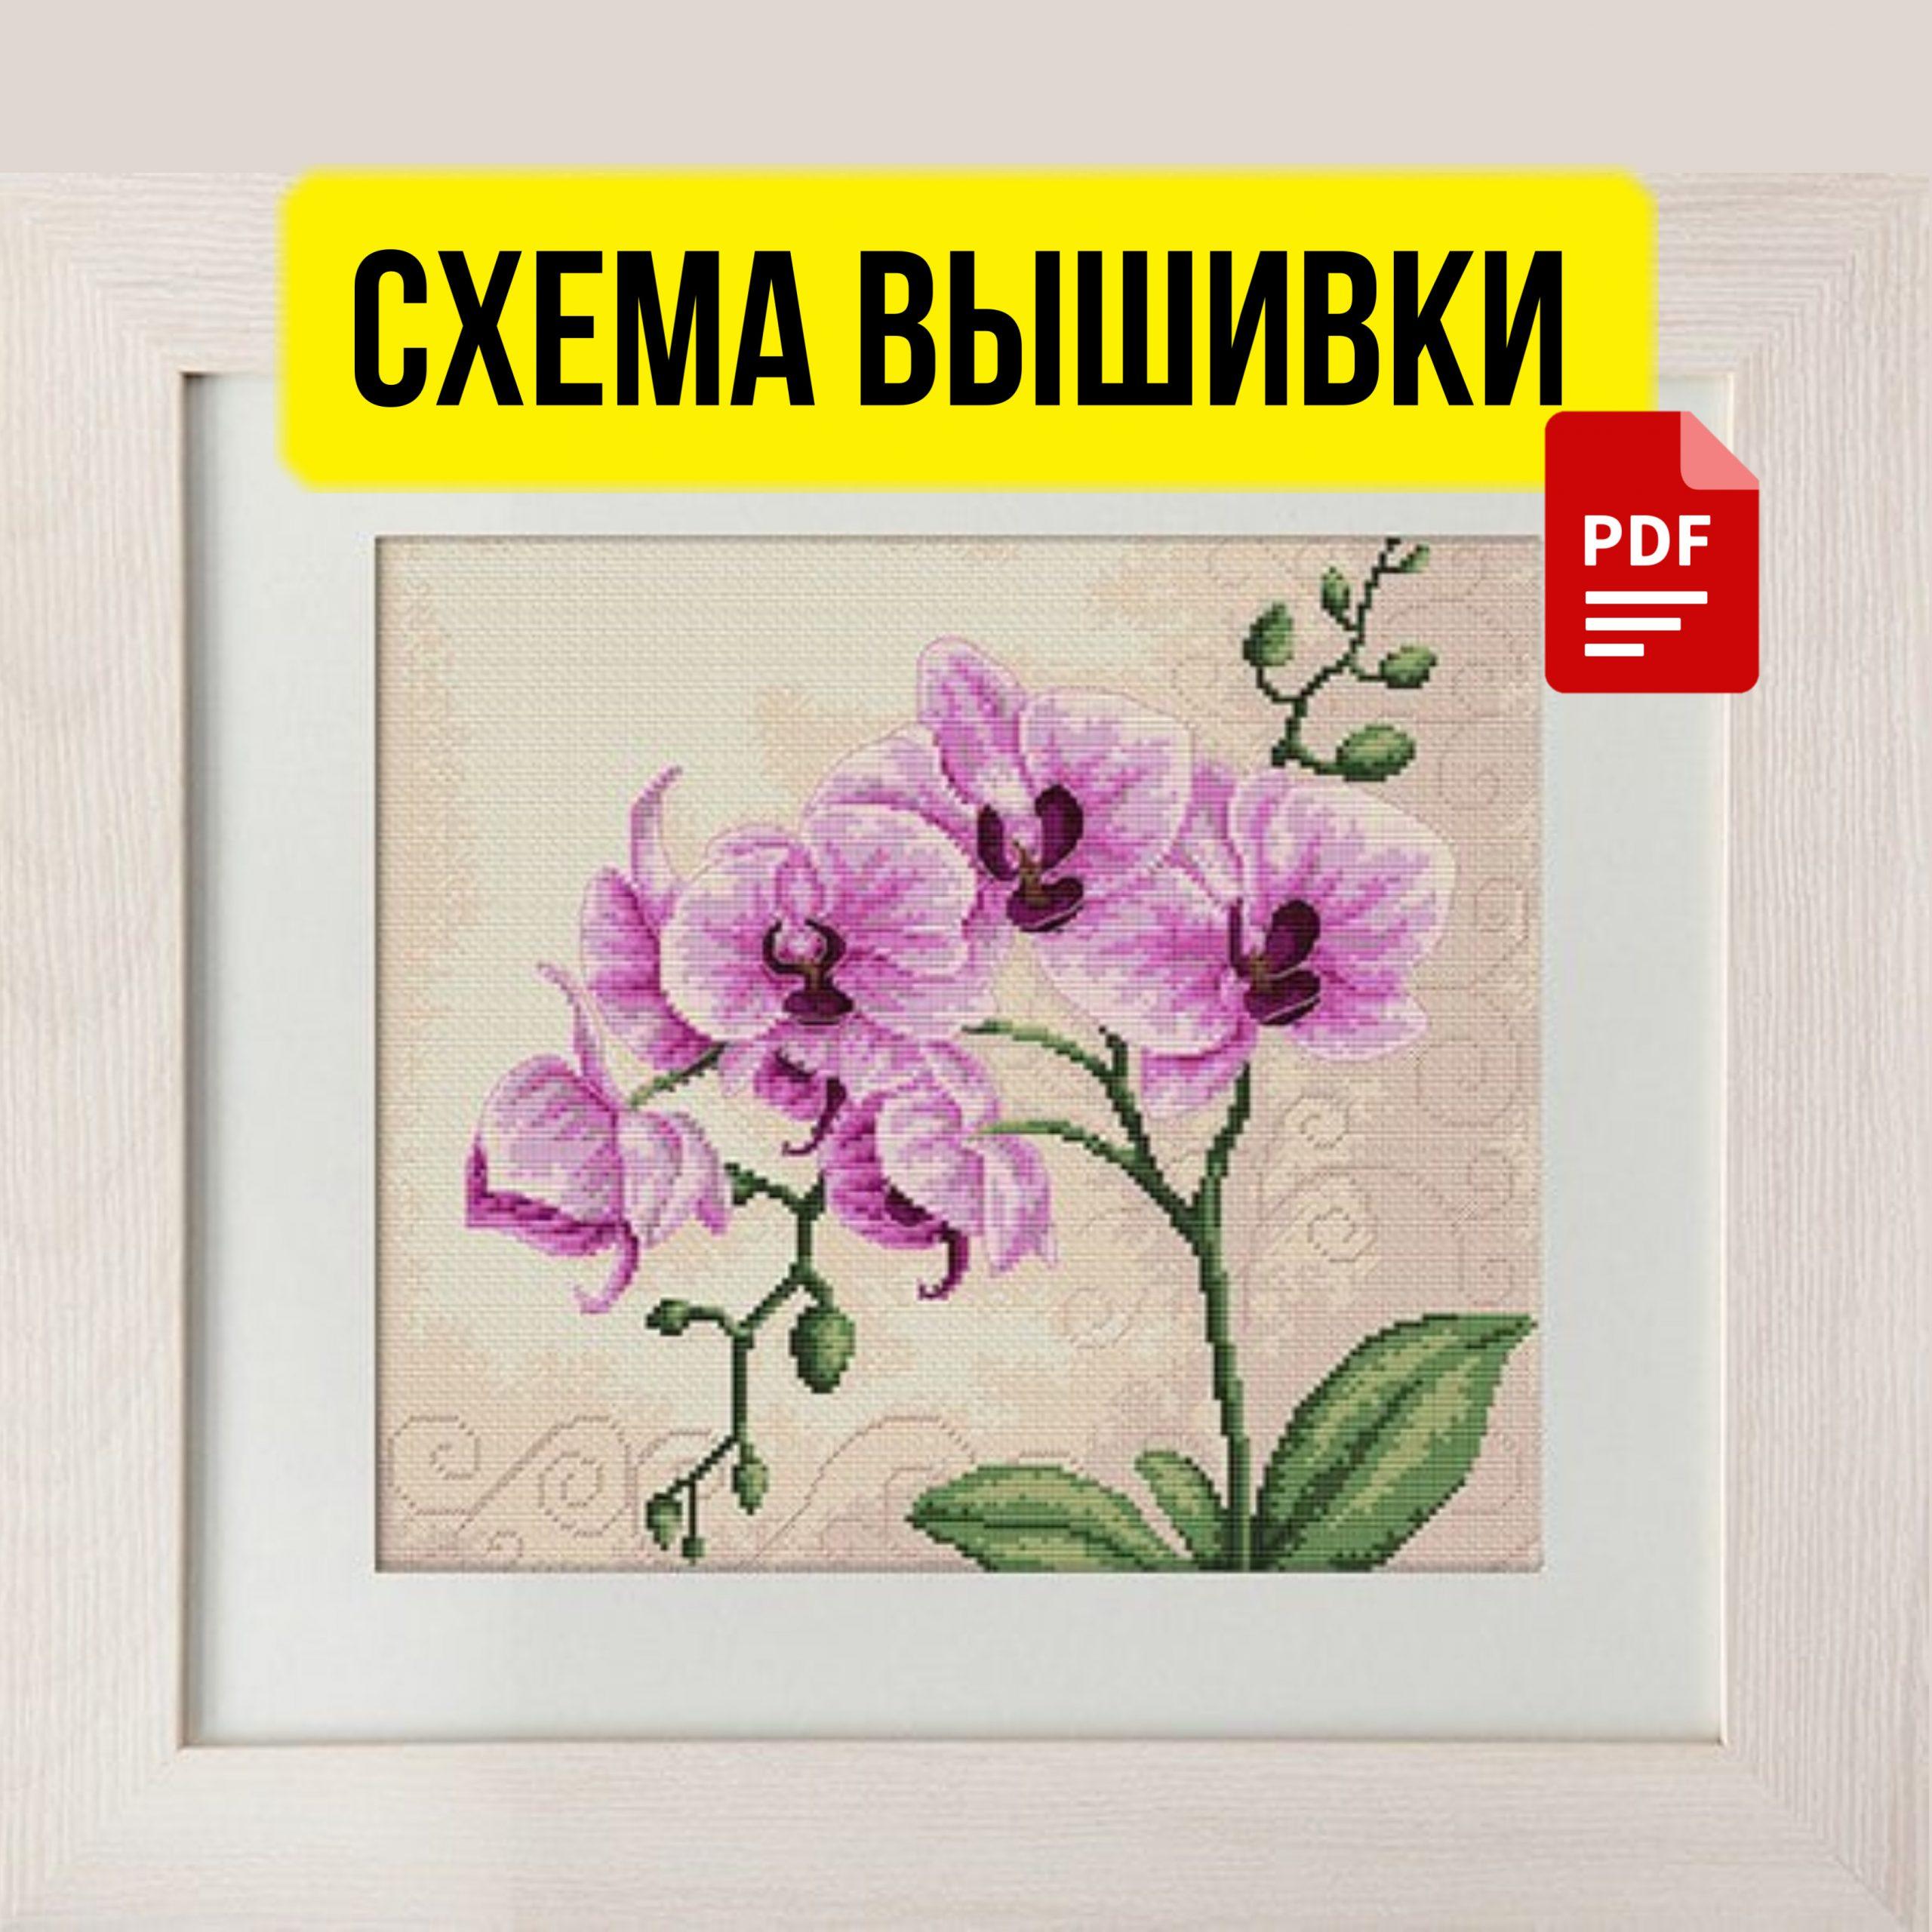 Бесплатная Схема Вышивки Крестом Орхидея. PDF, Большая